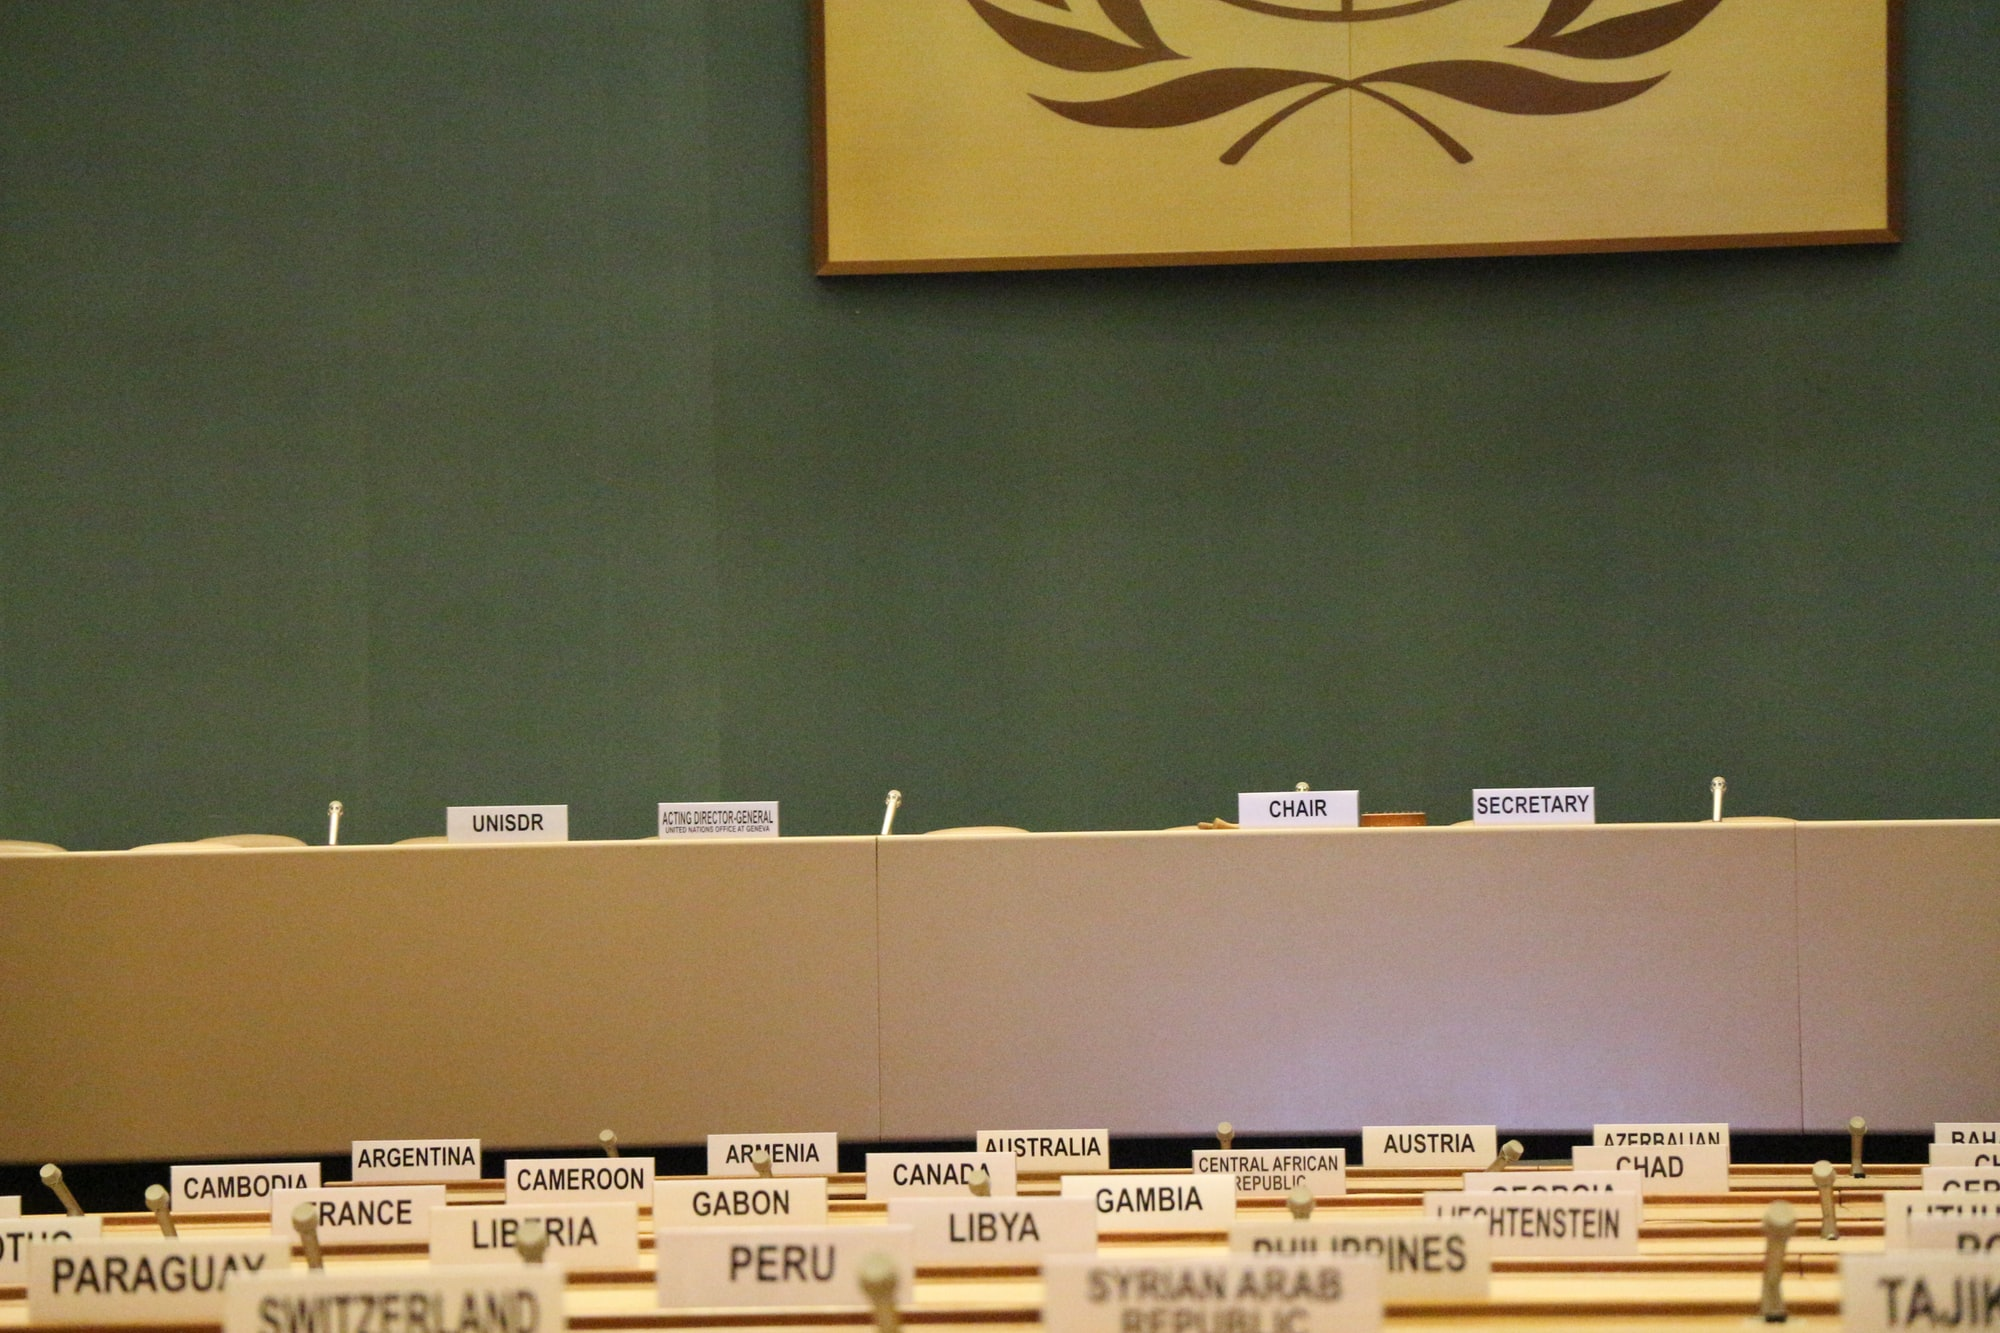 联合国大会第181号决议 巴勒斯坦的未来政府